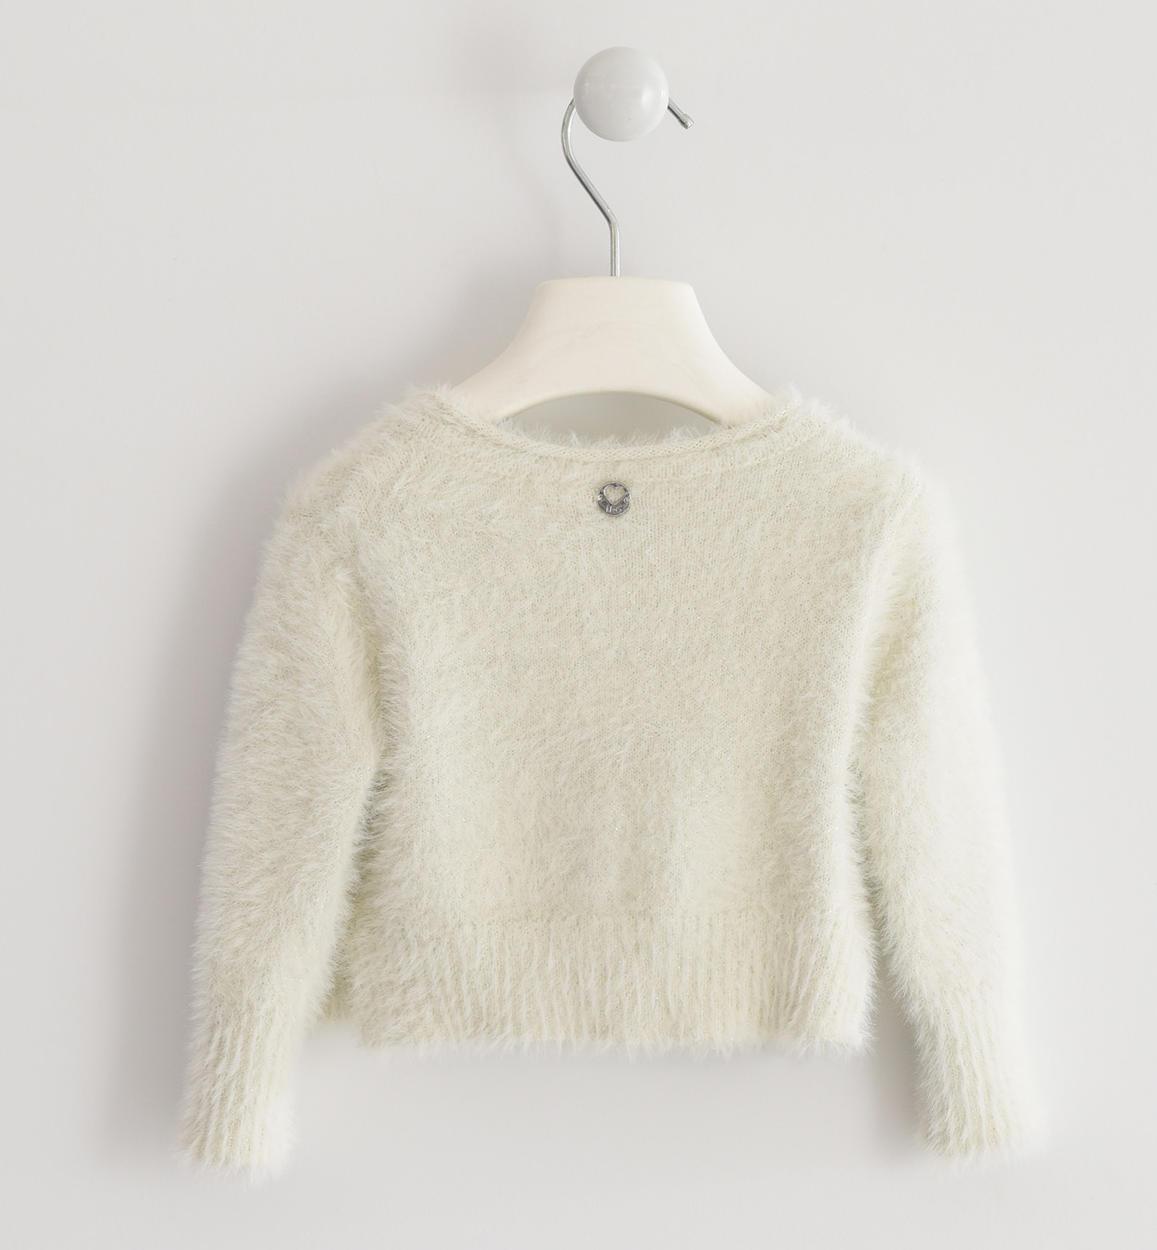 giacca modello rebecchina in tricot per panna retro 02 1084k62400 0112 150x150